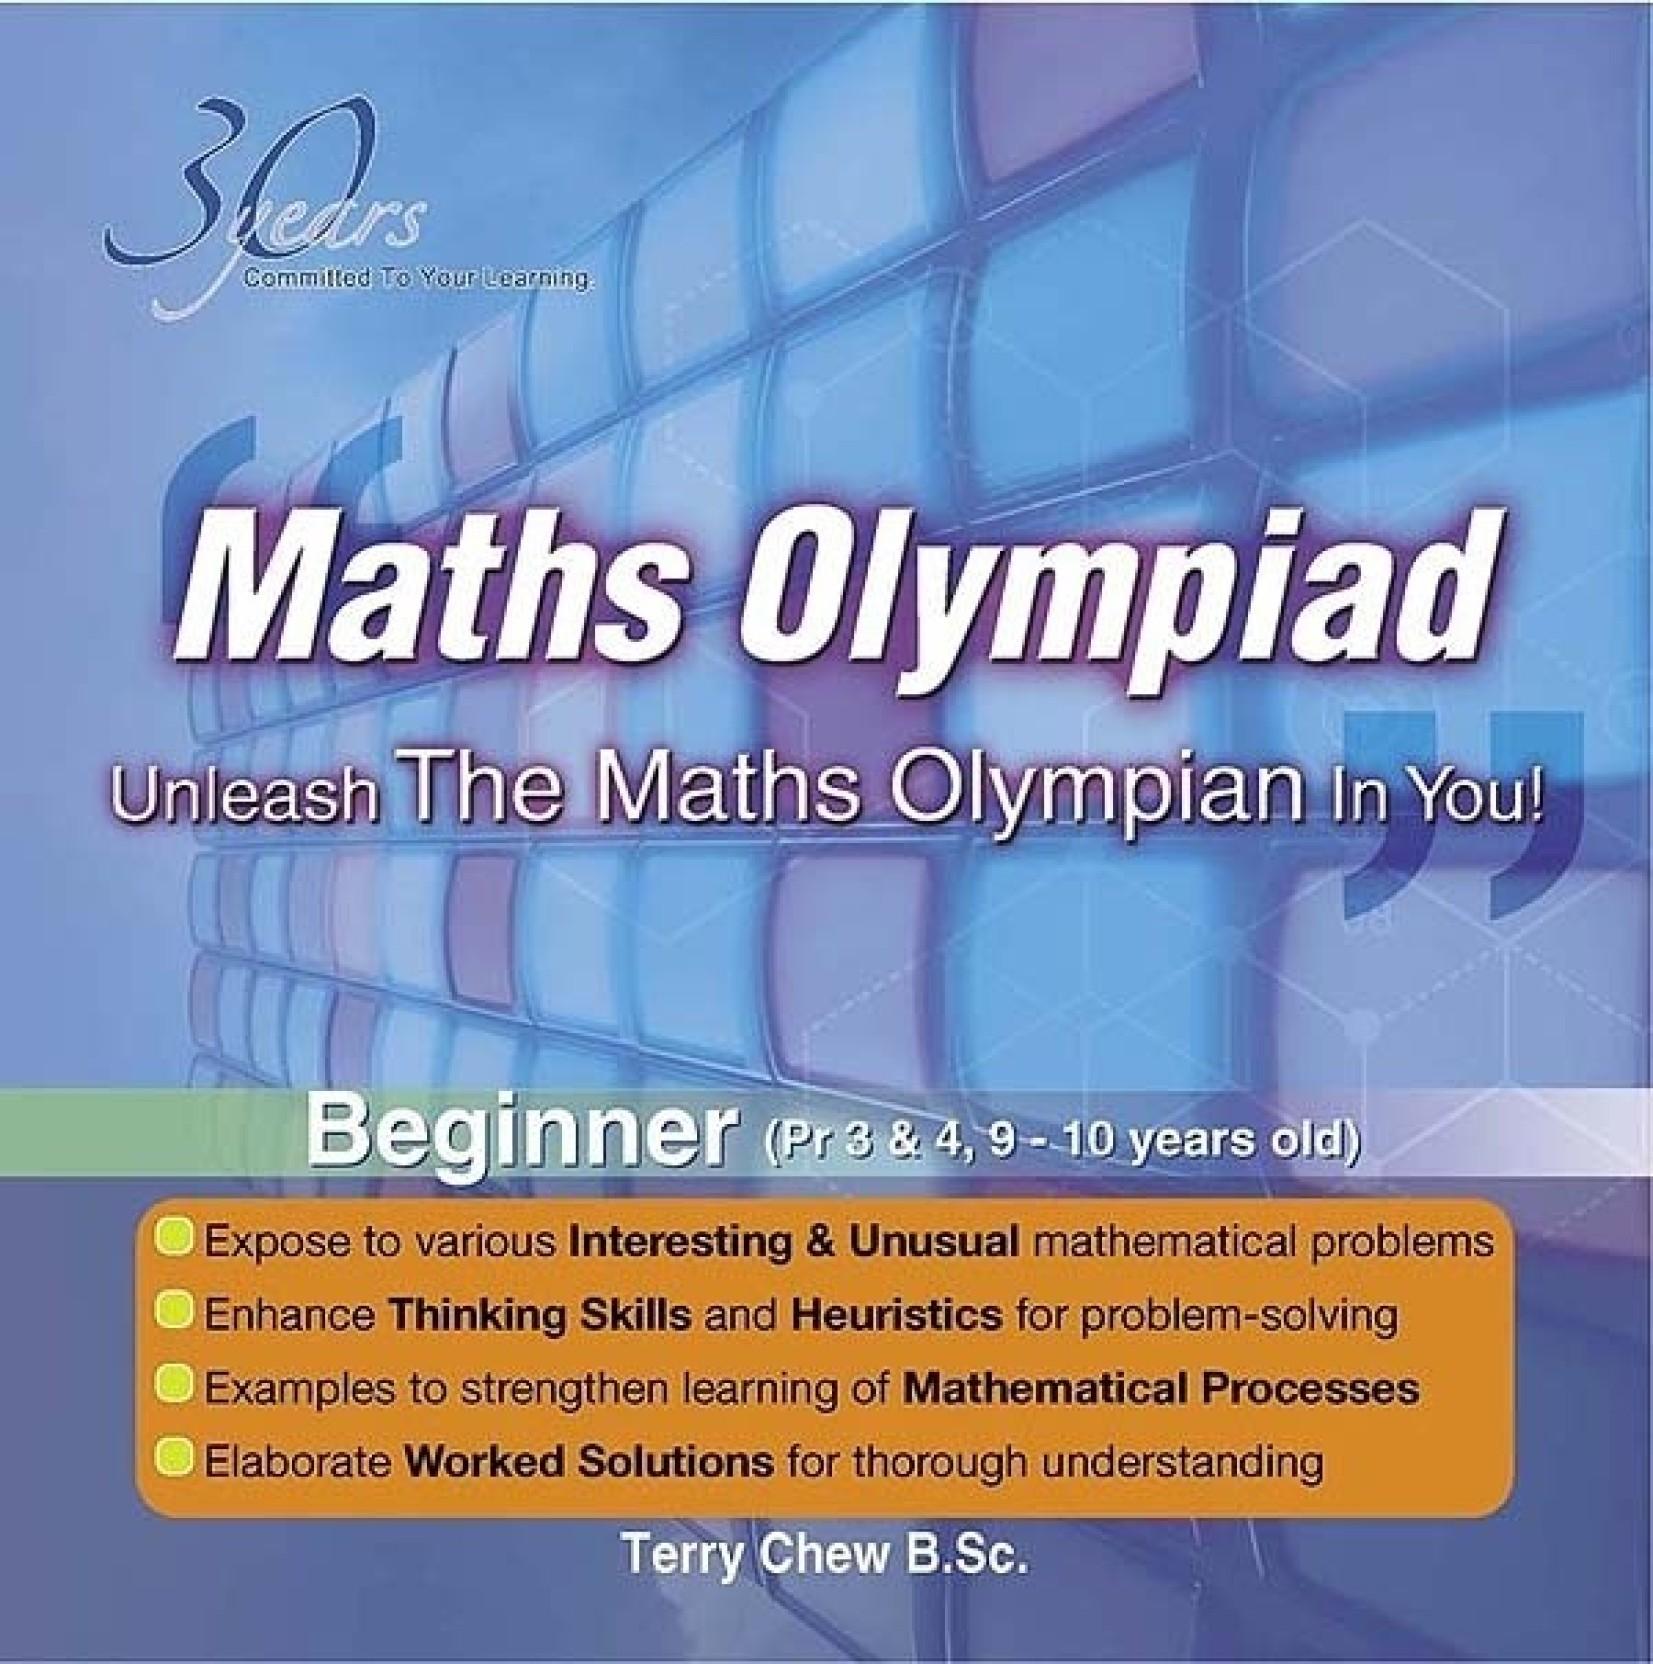 Maths olympiad terry chew pdf - Calidad Y Mejora Continua Libro Pdf